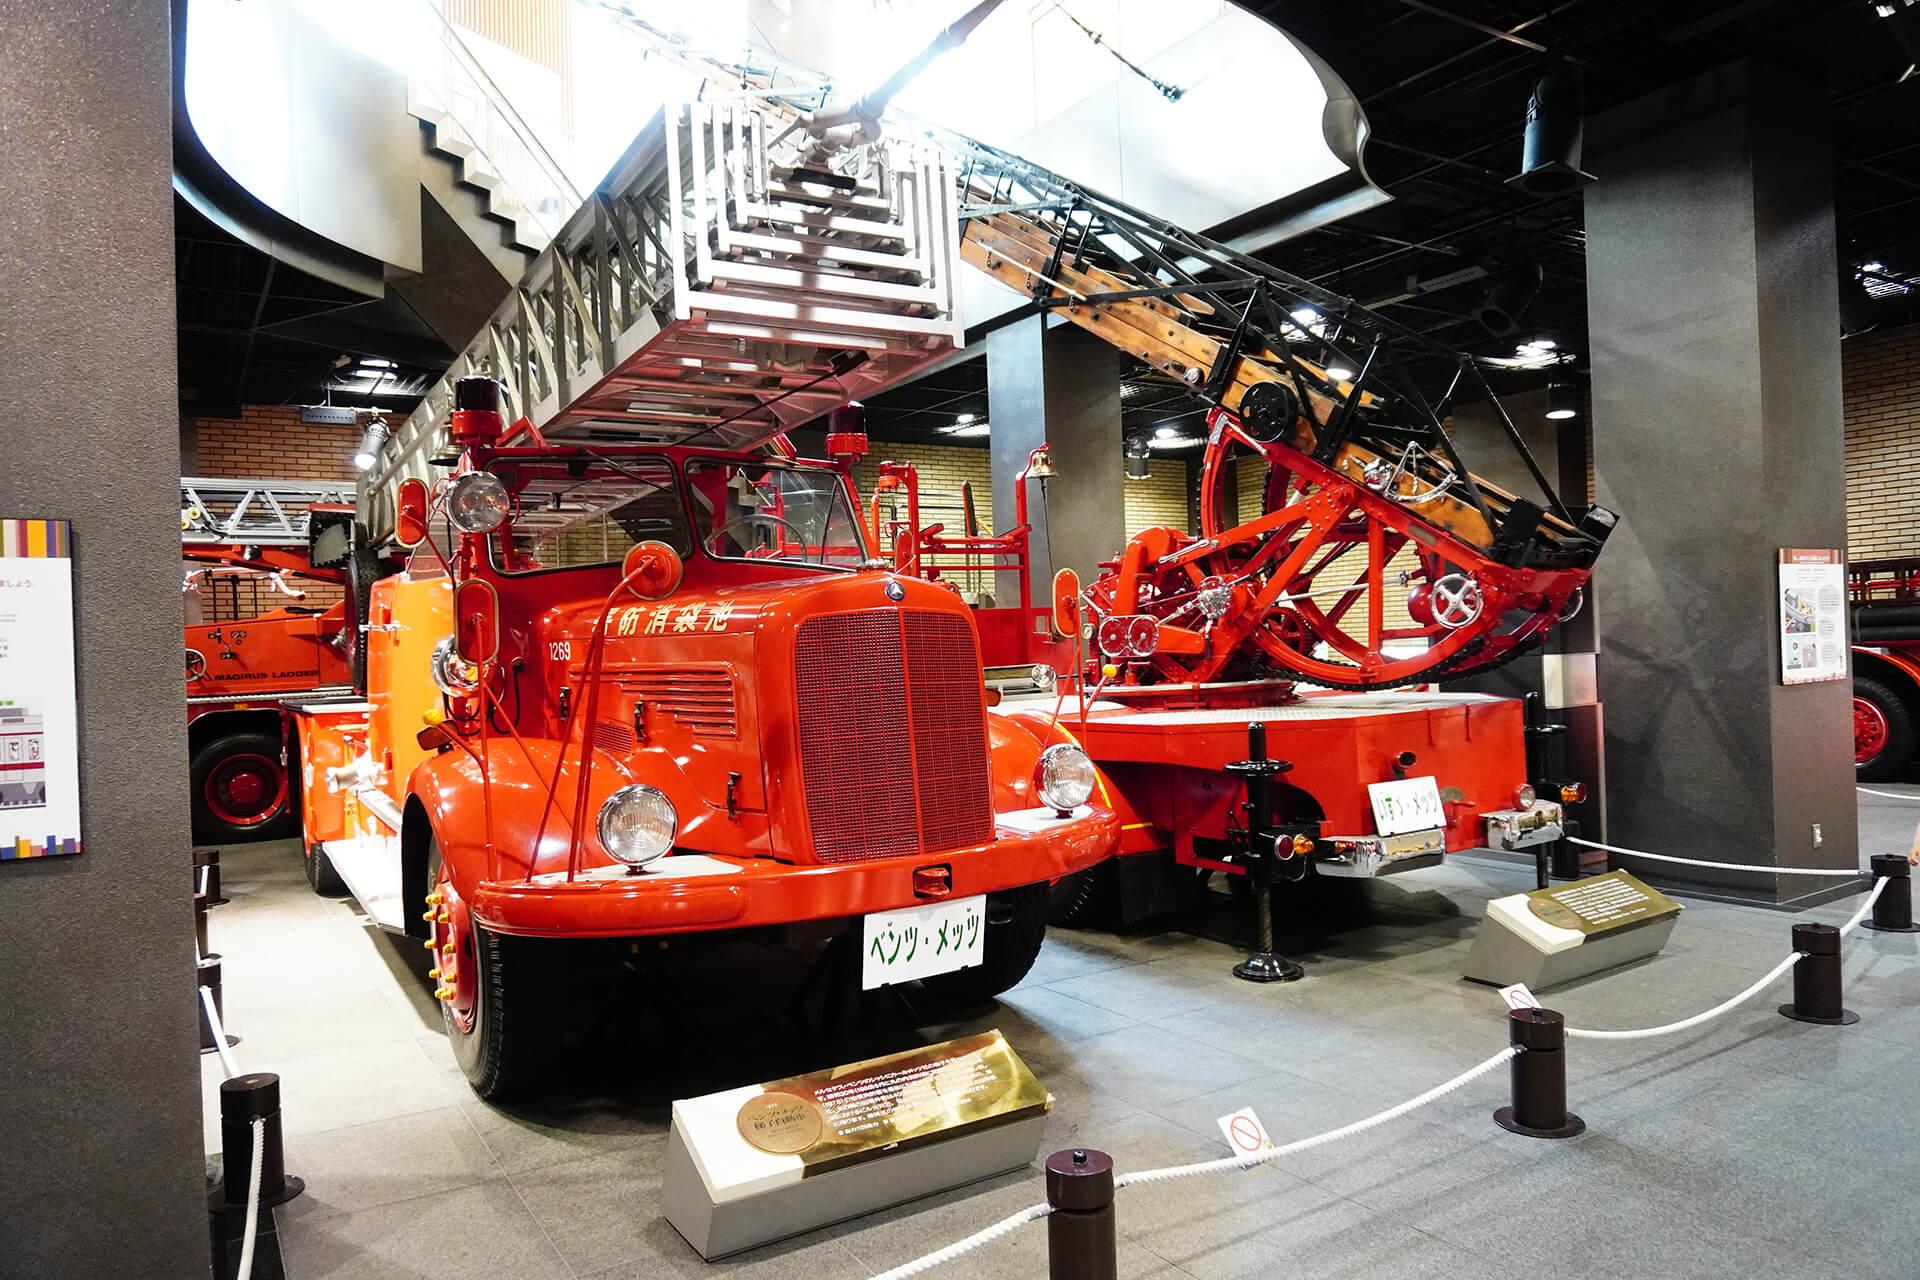 この写真は消防博物館にあるクラシック消防車